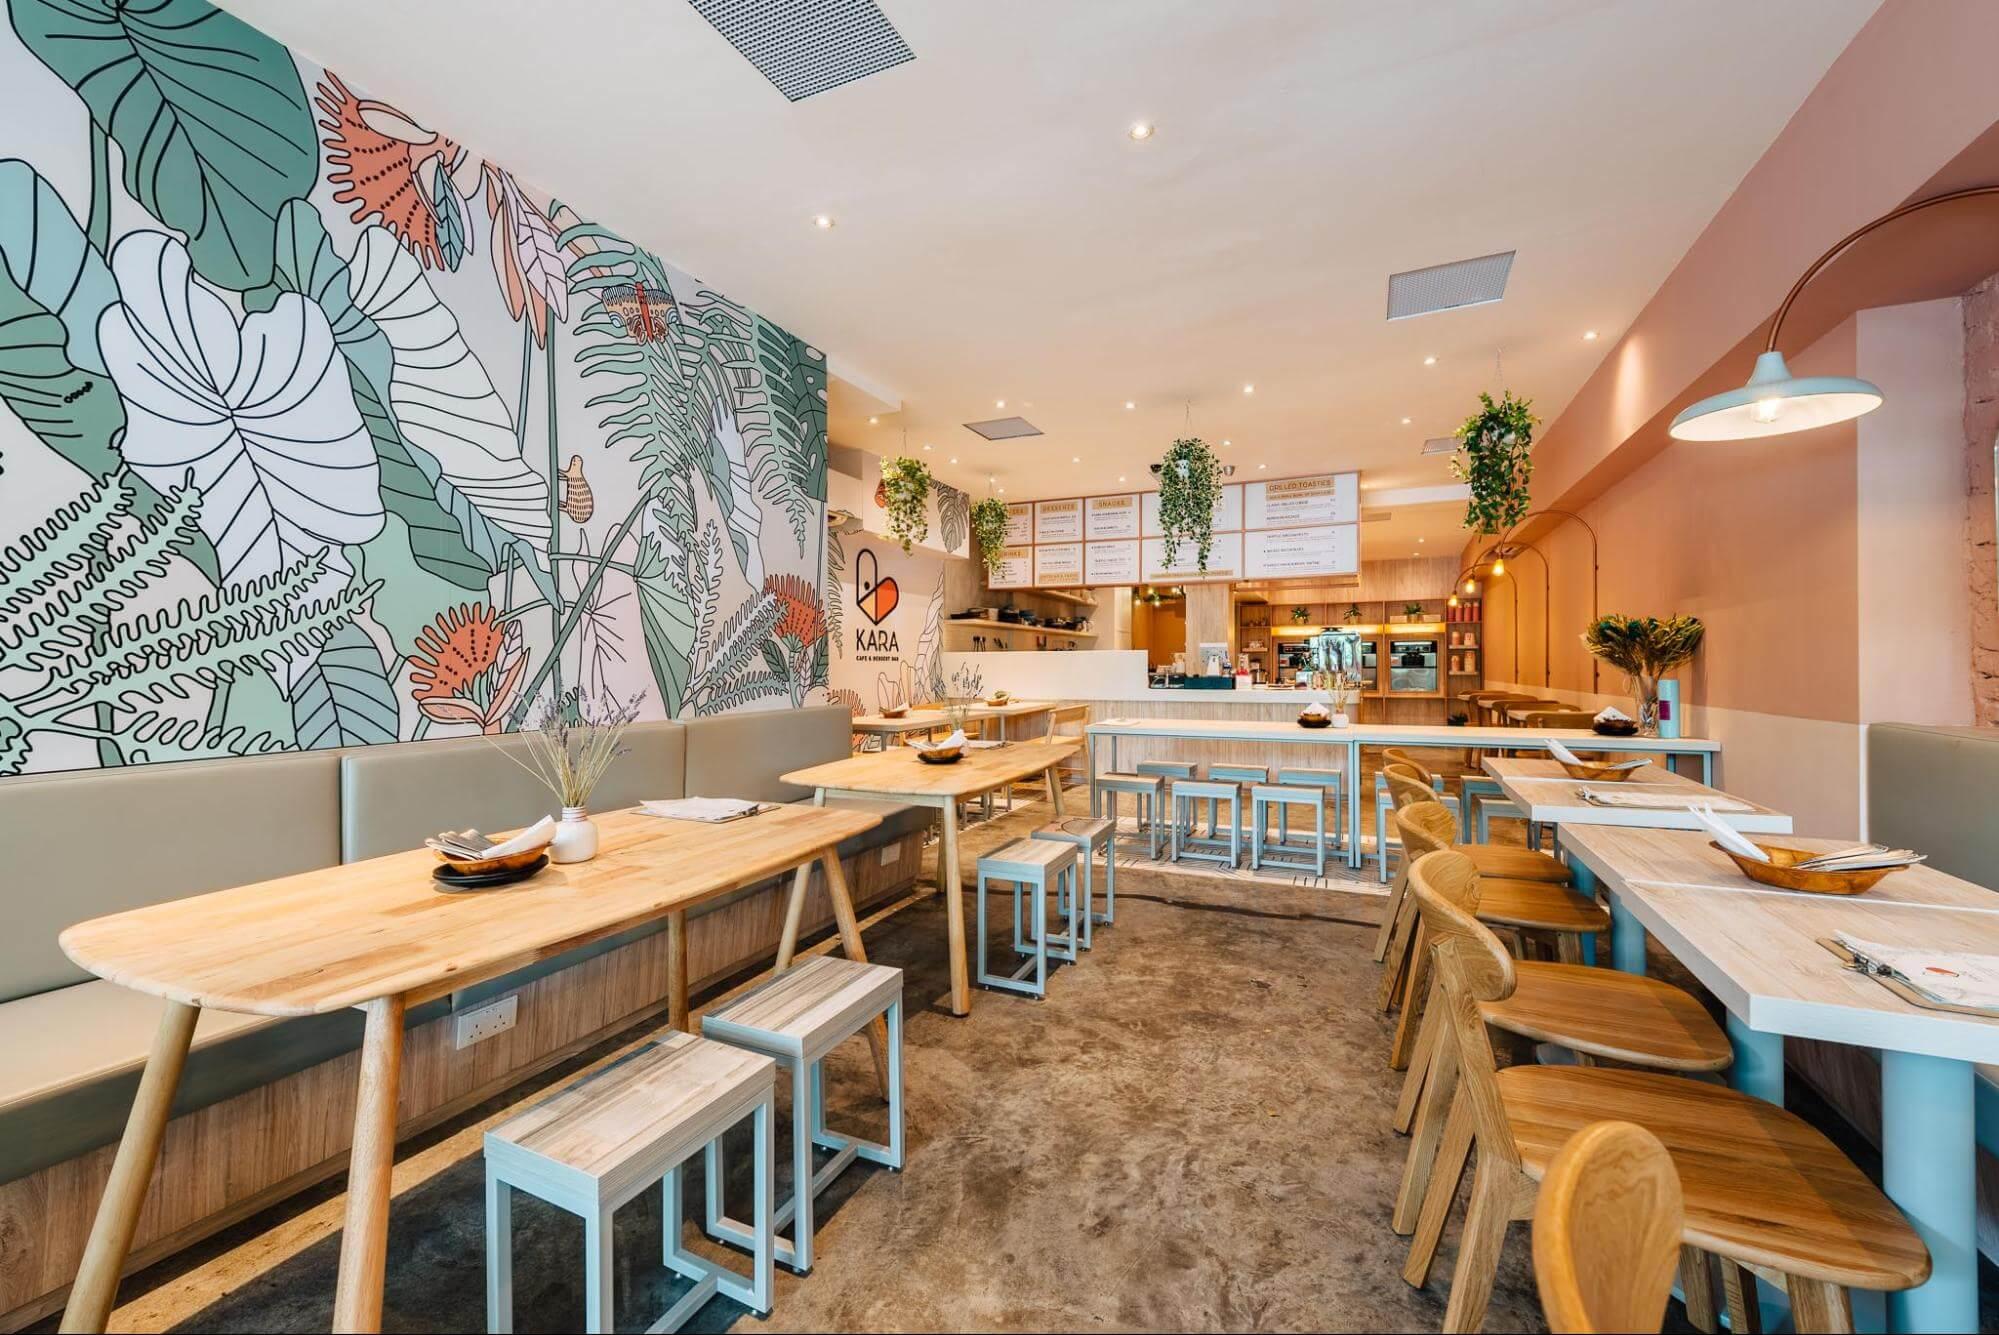 KARA Cafe Interior